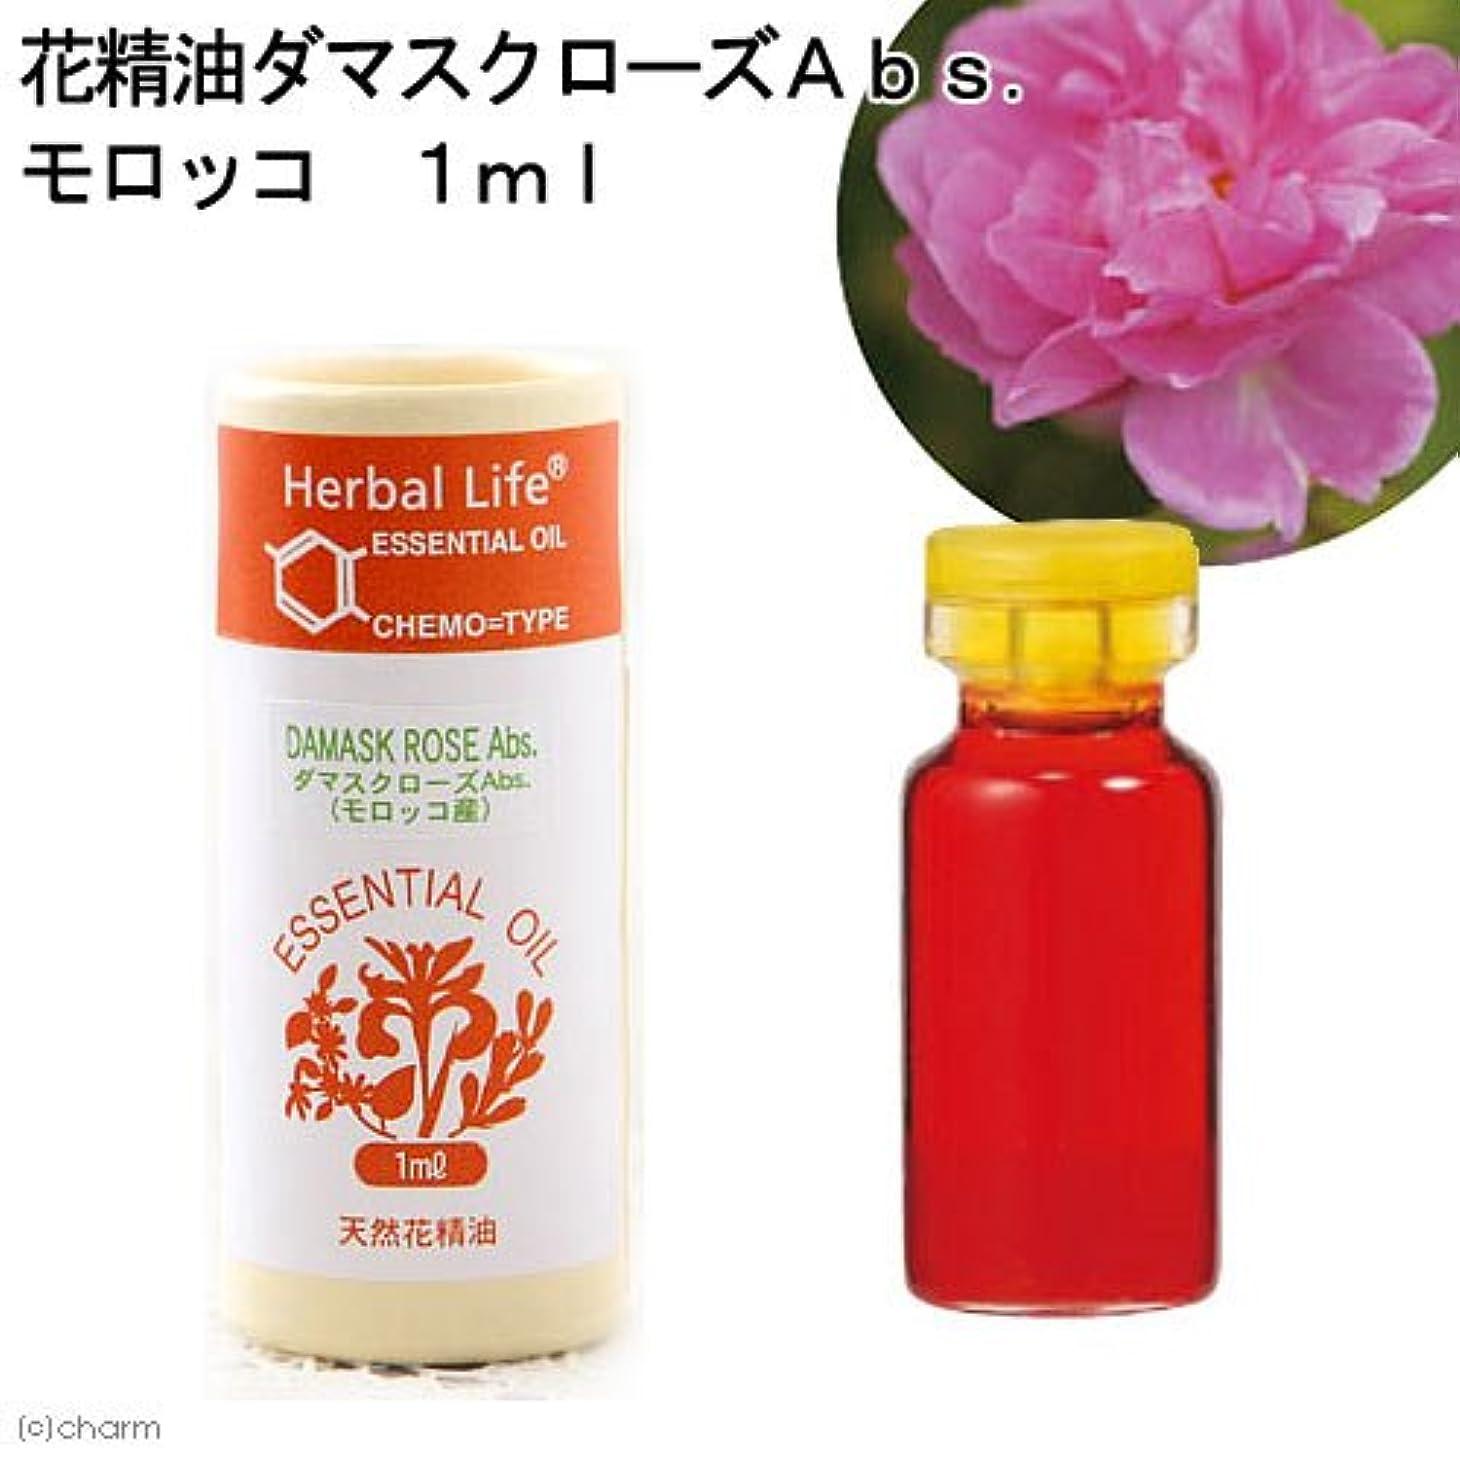 ハシー突撃バルコニーHerbal Life ダマスクローズAbs.(モロッコ産) 1ml